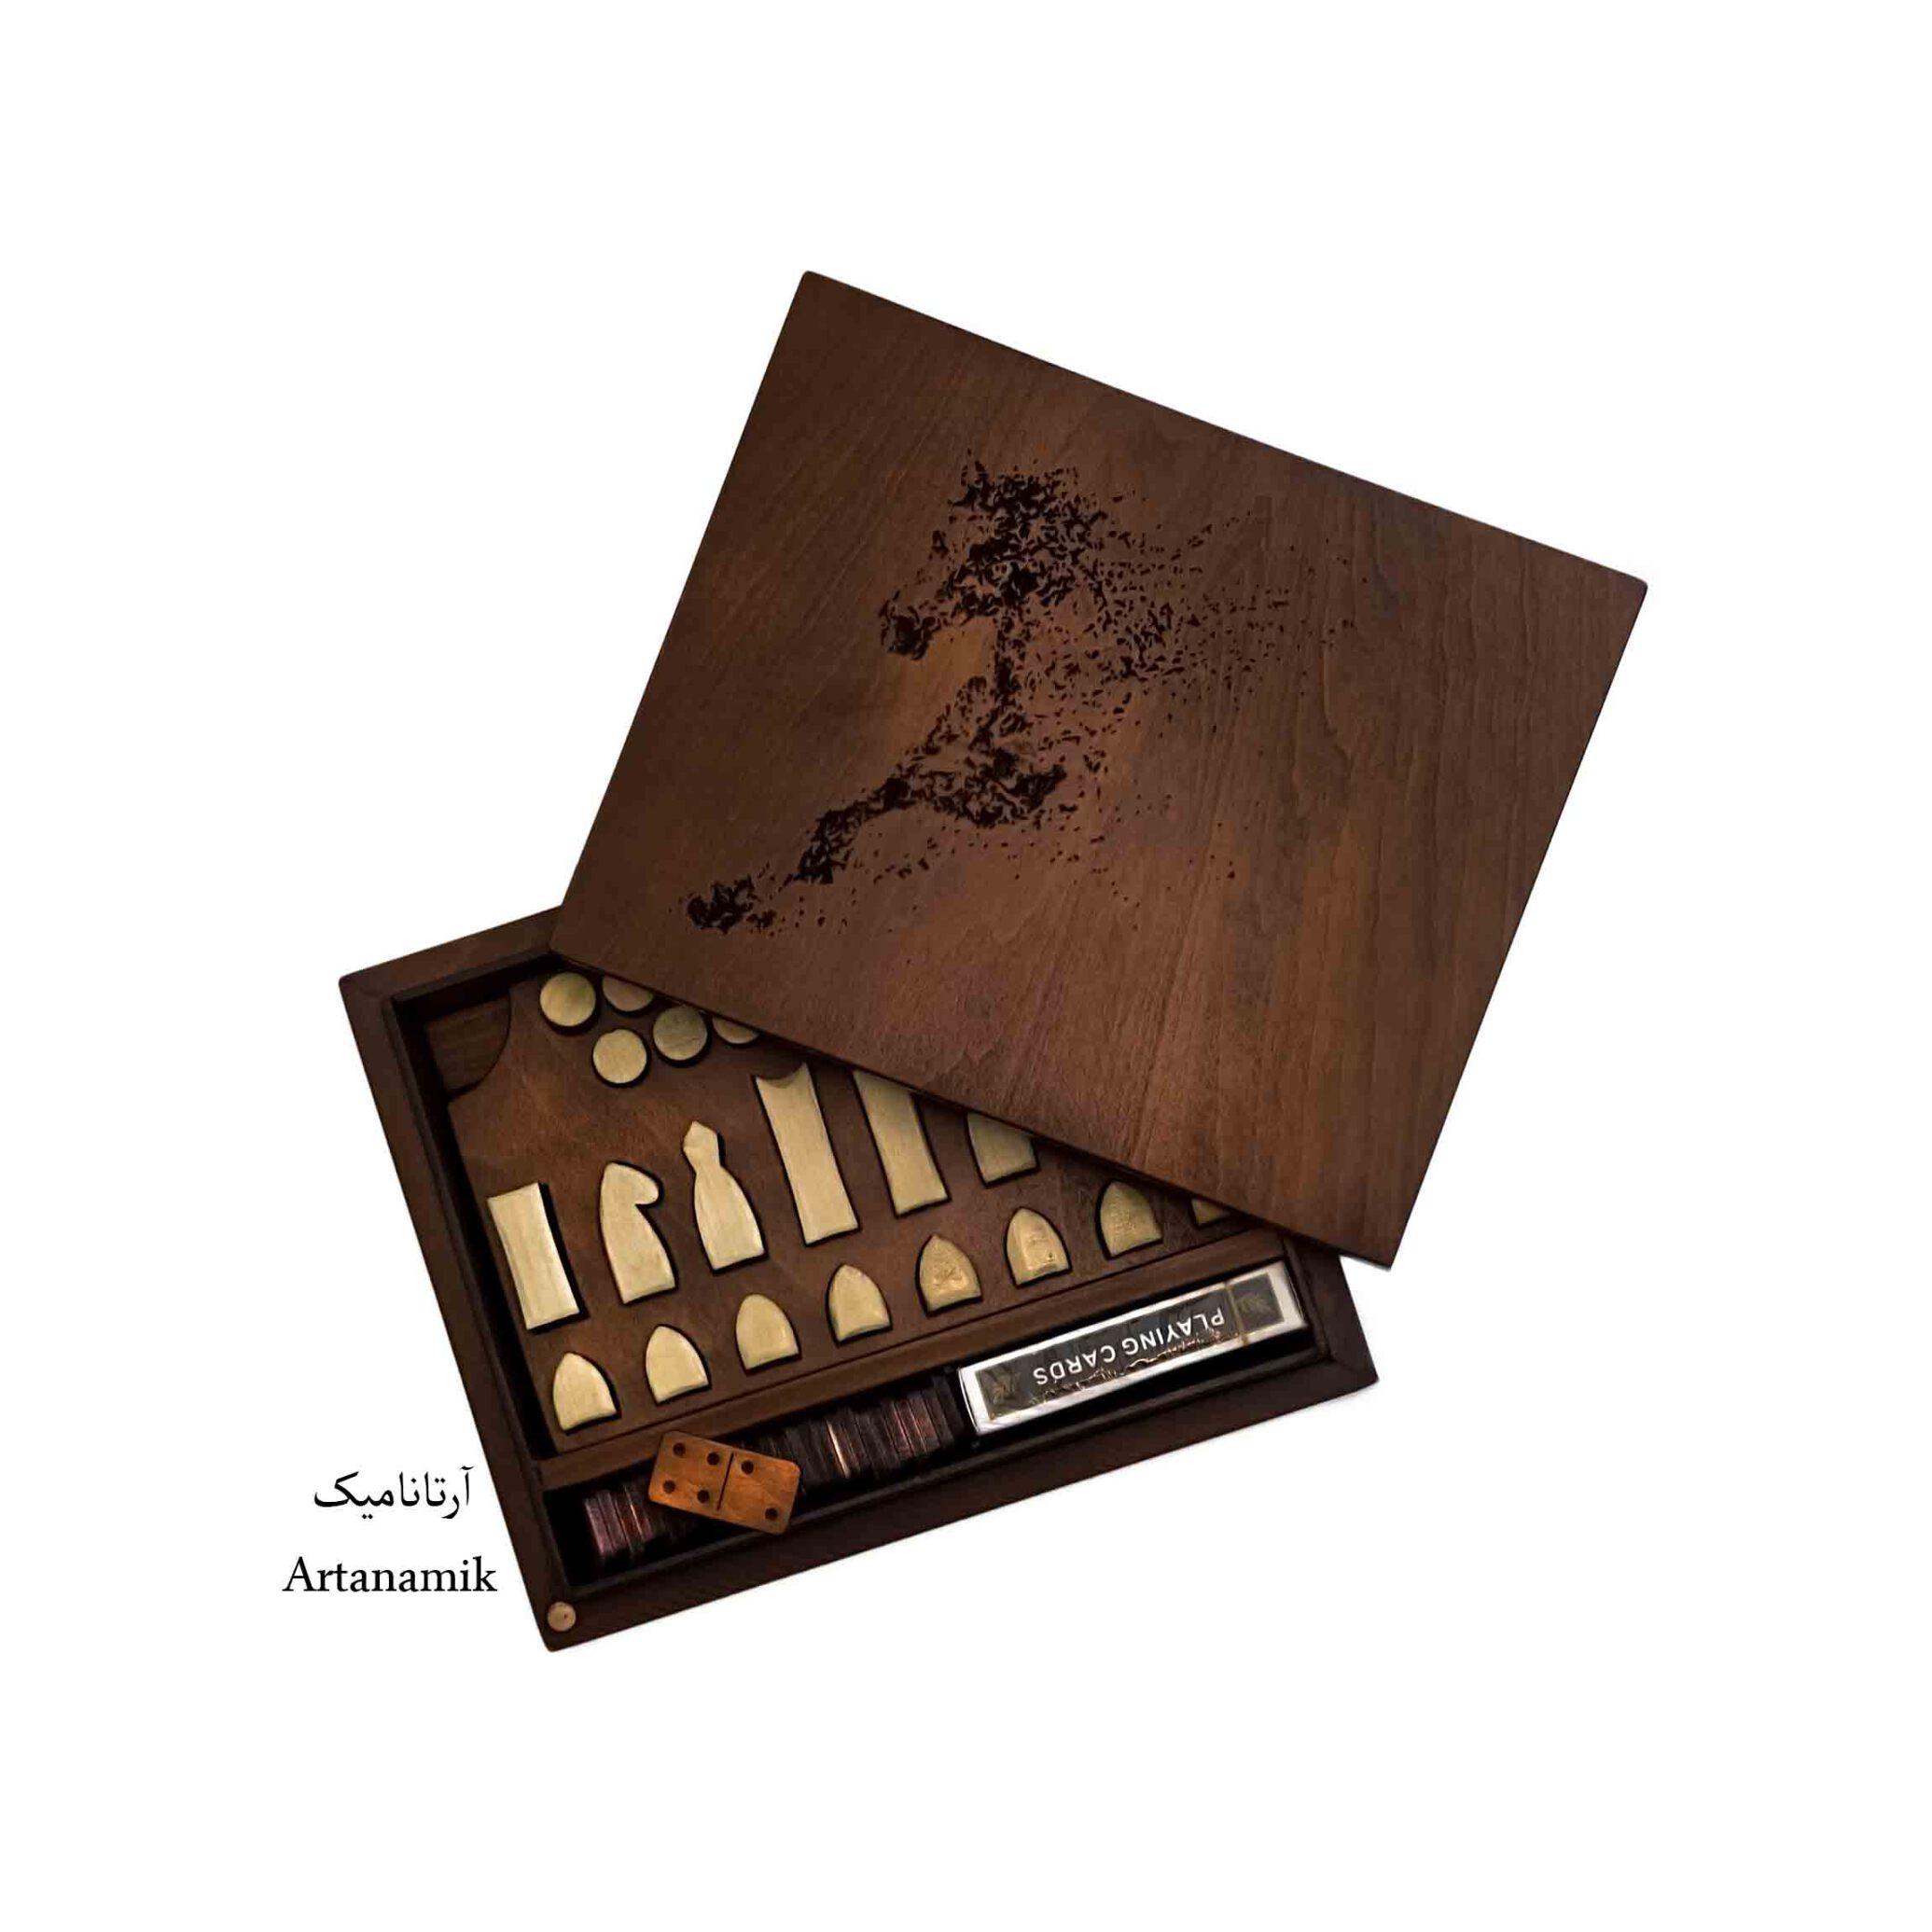 باکس شامل 4 بازی : شطرنج ، دومینو ، کارت ، تخته نرد.